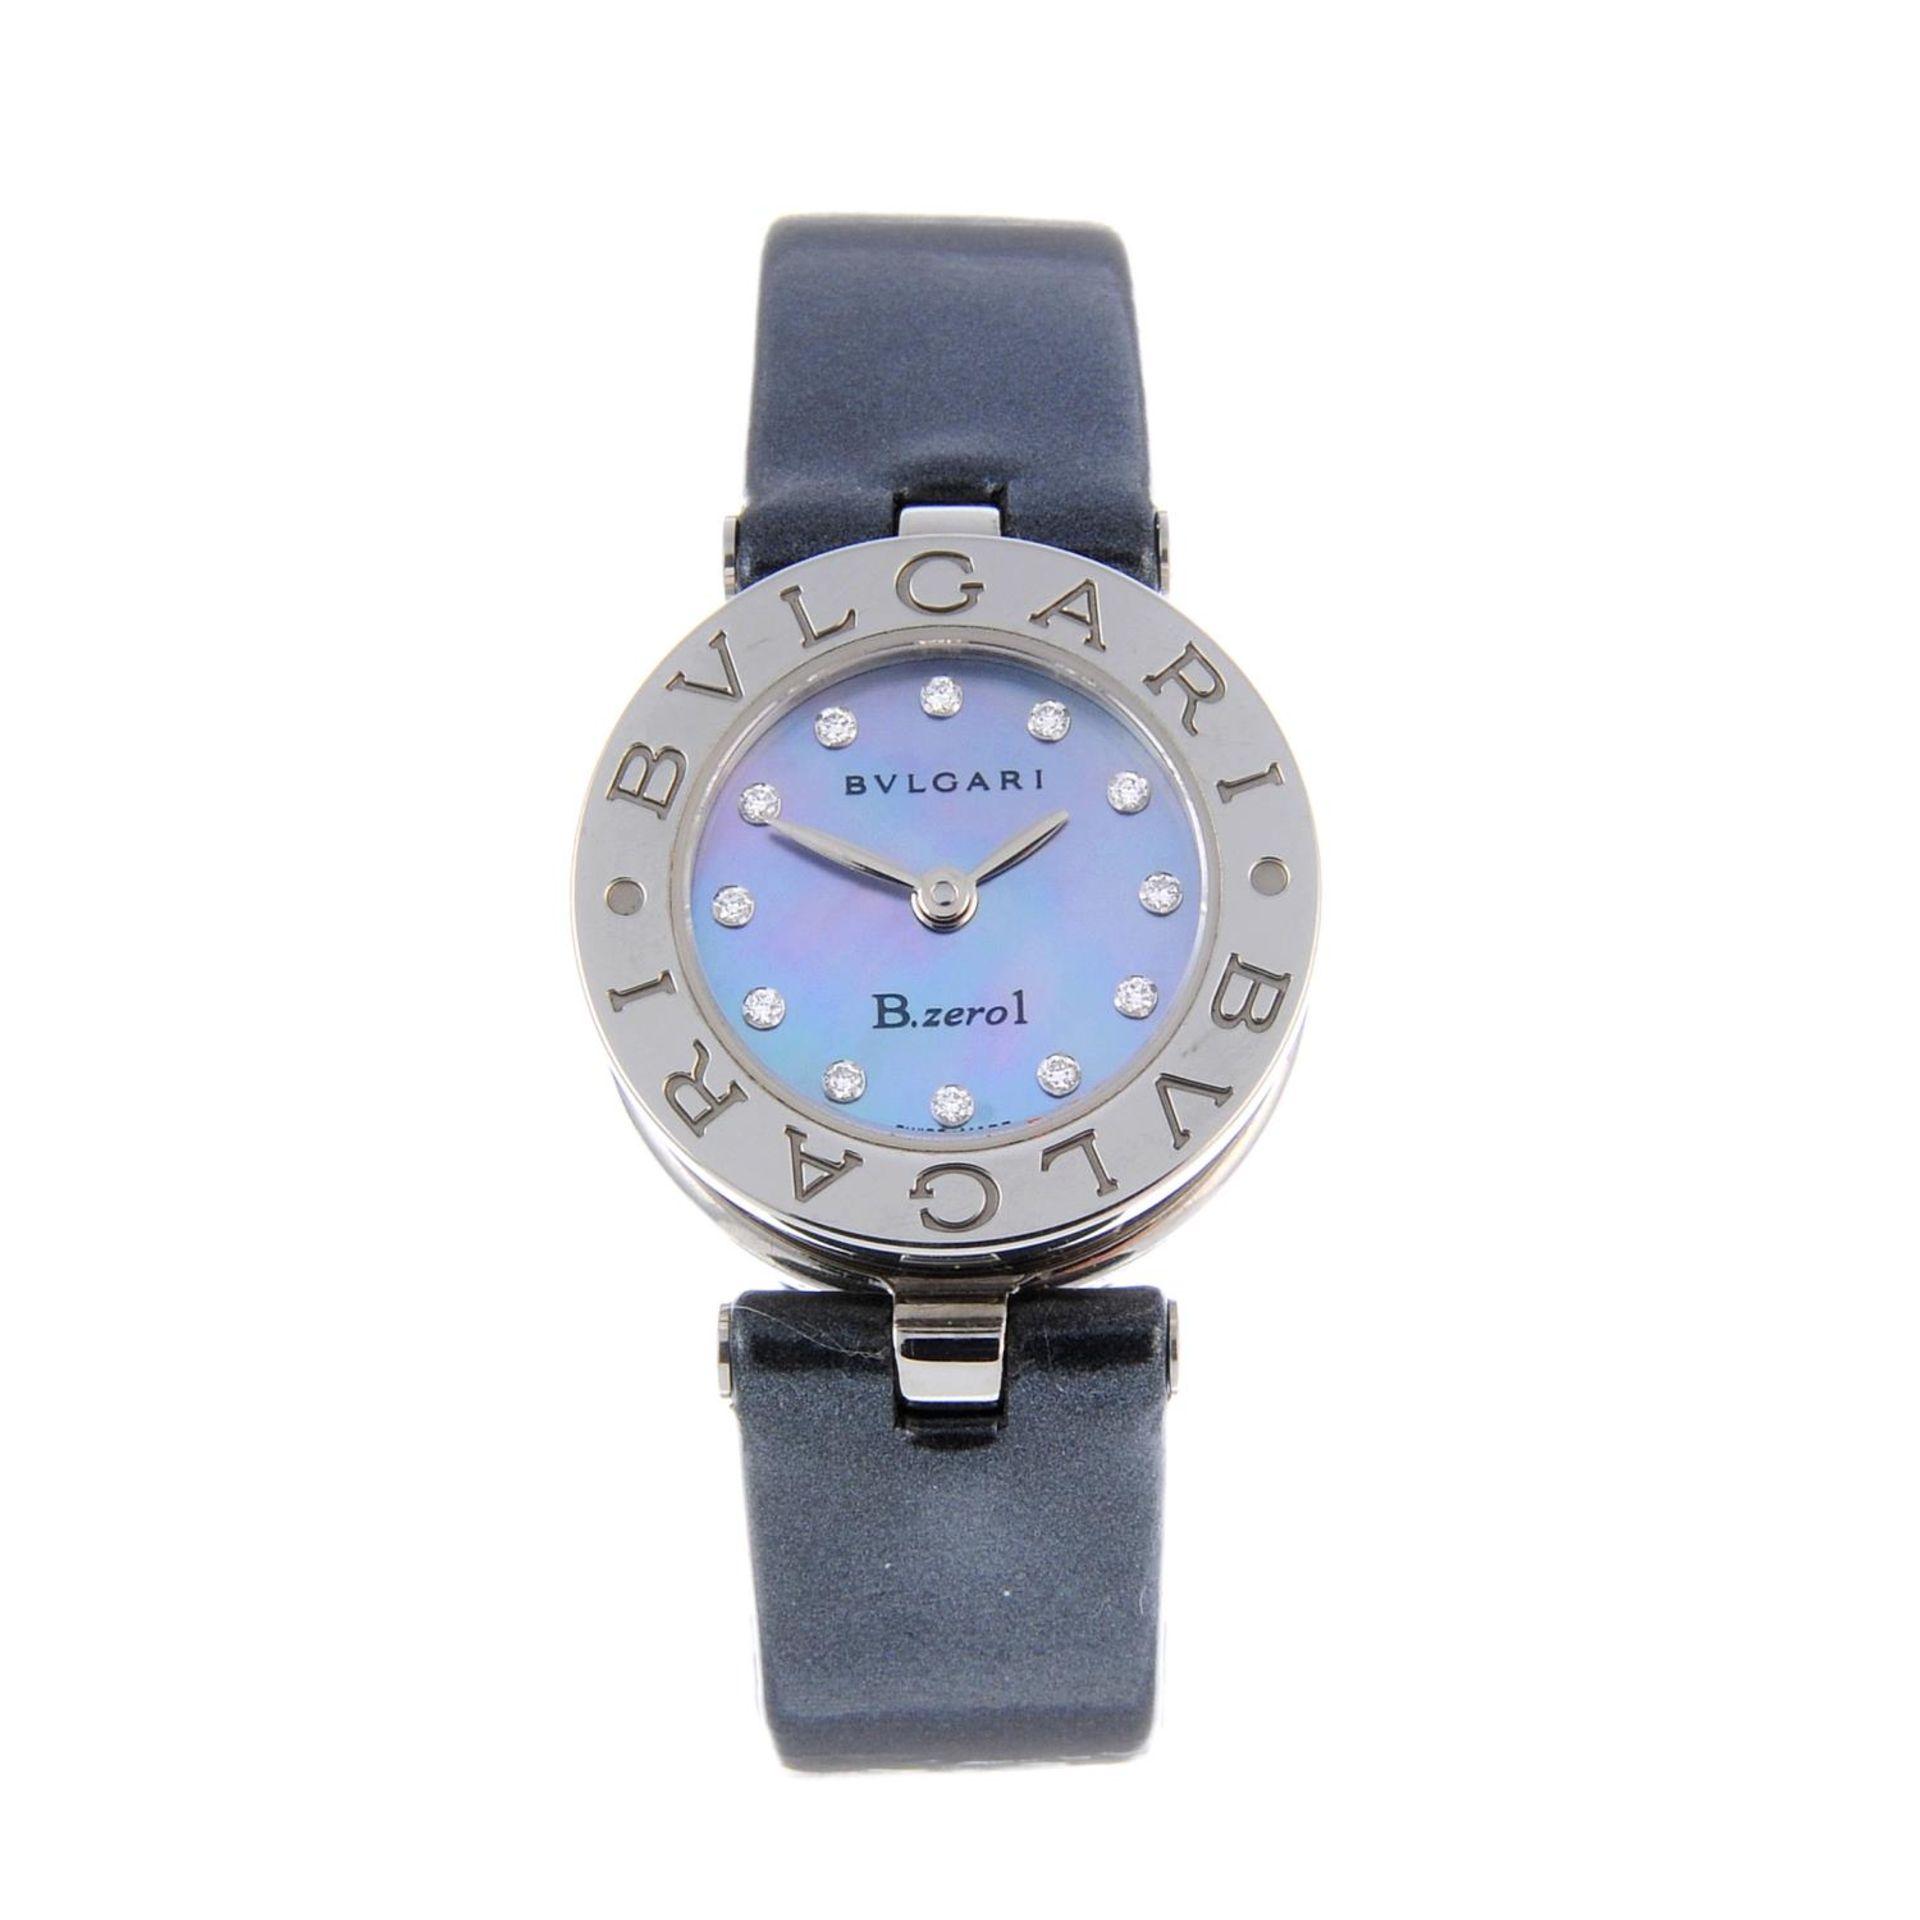 Los 9 - BULGARI - a lady's B.zero1 wrist watch.